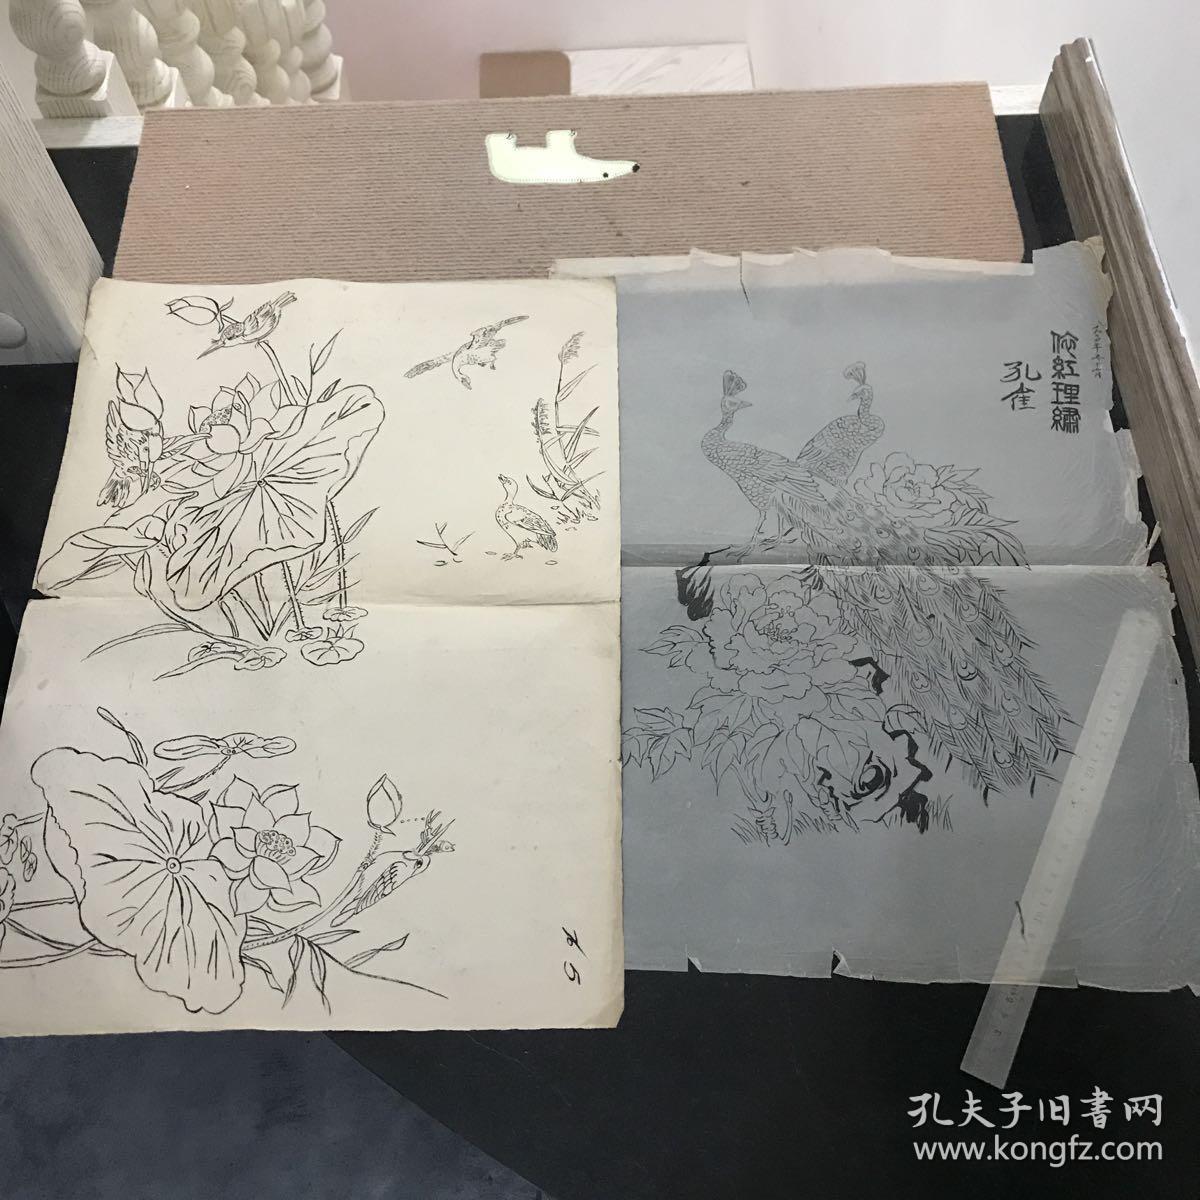 鞍山市工艺美术制品厂制镜厂贝雕厂存档的工艺美术制品设计稿手绘画稿图片